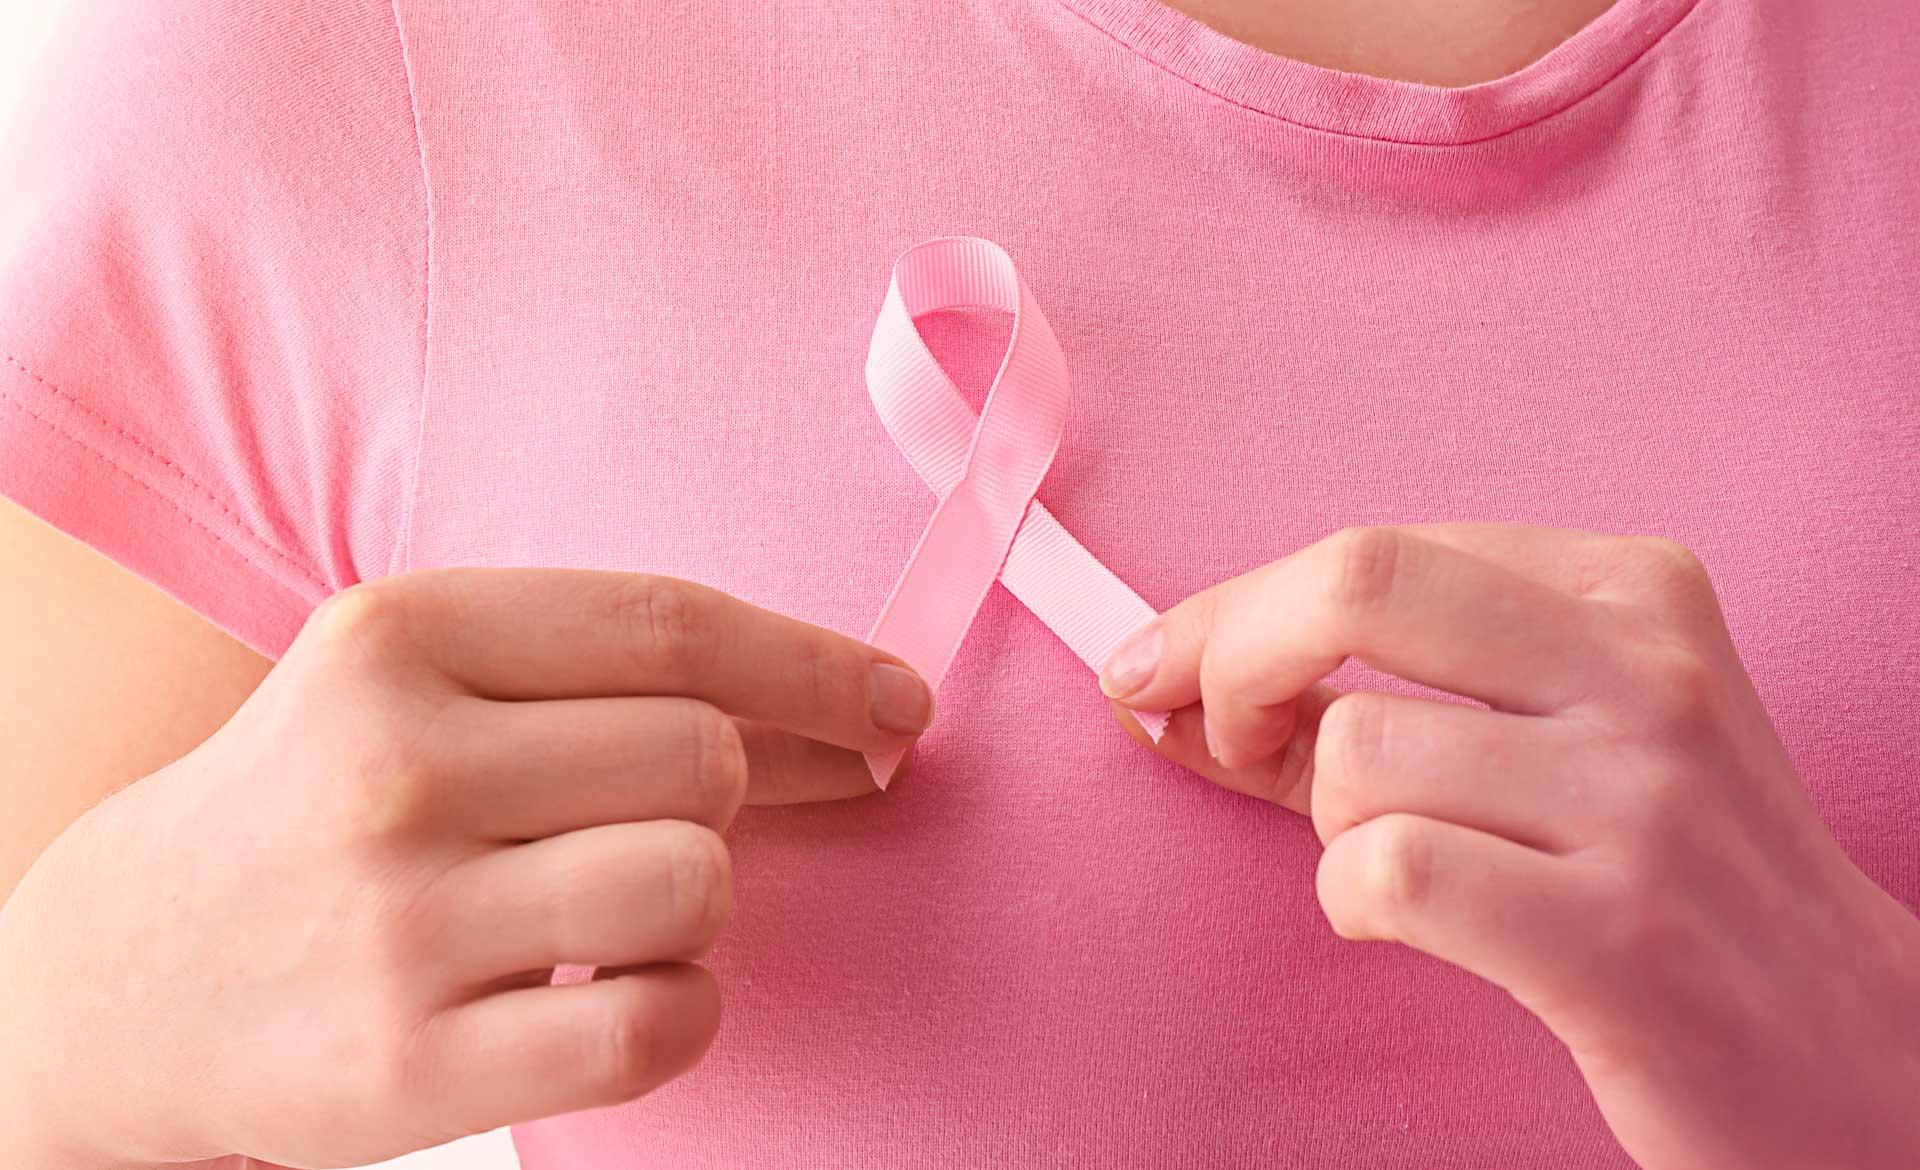 Cirurgia ainda imprescindível no tratamento do câncer de mama